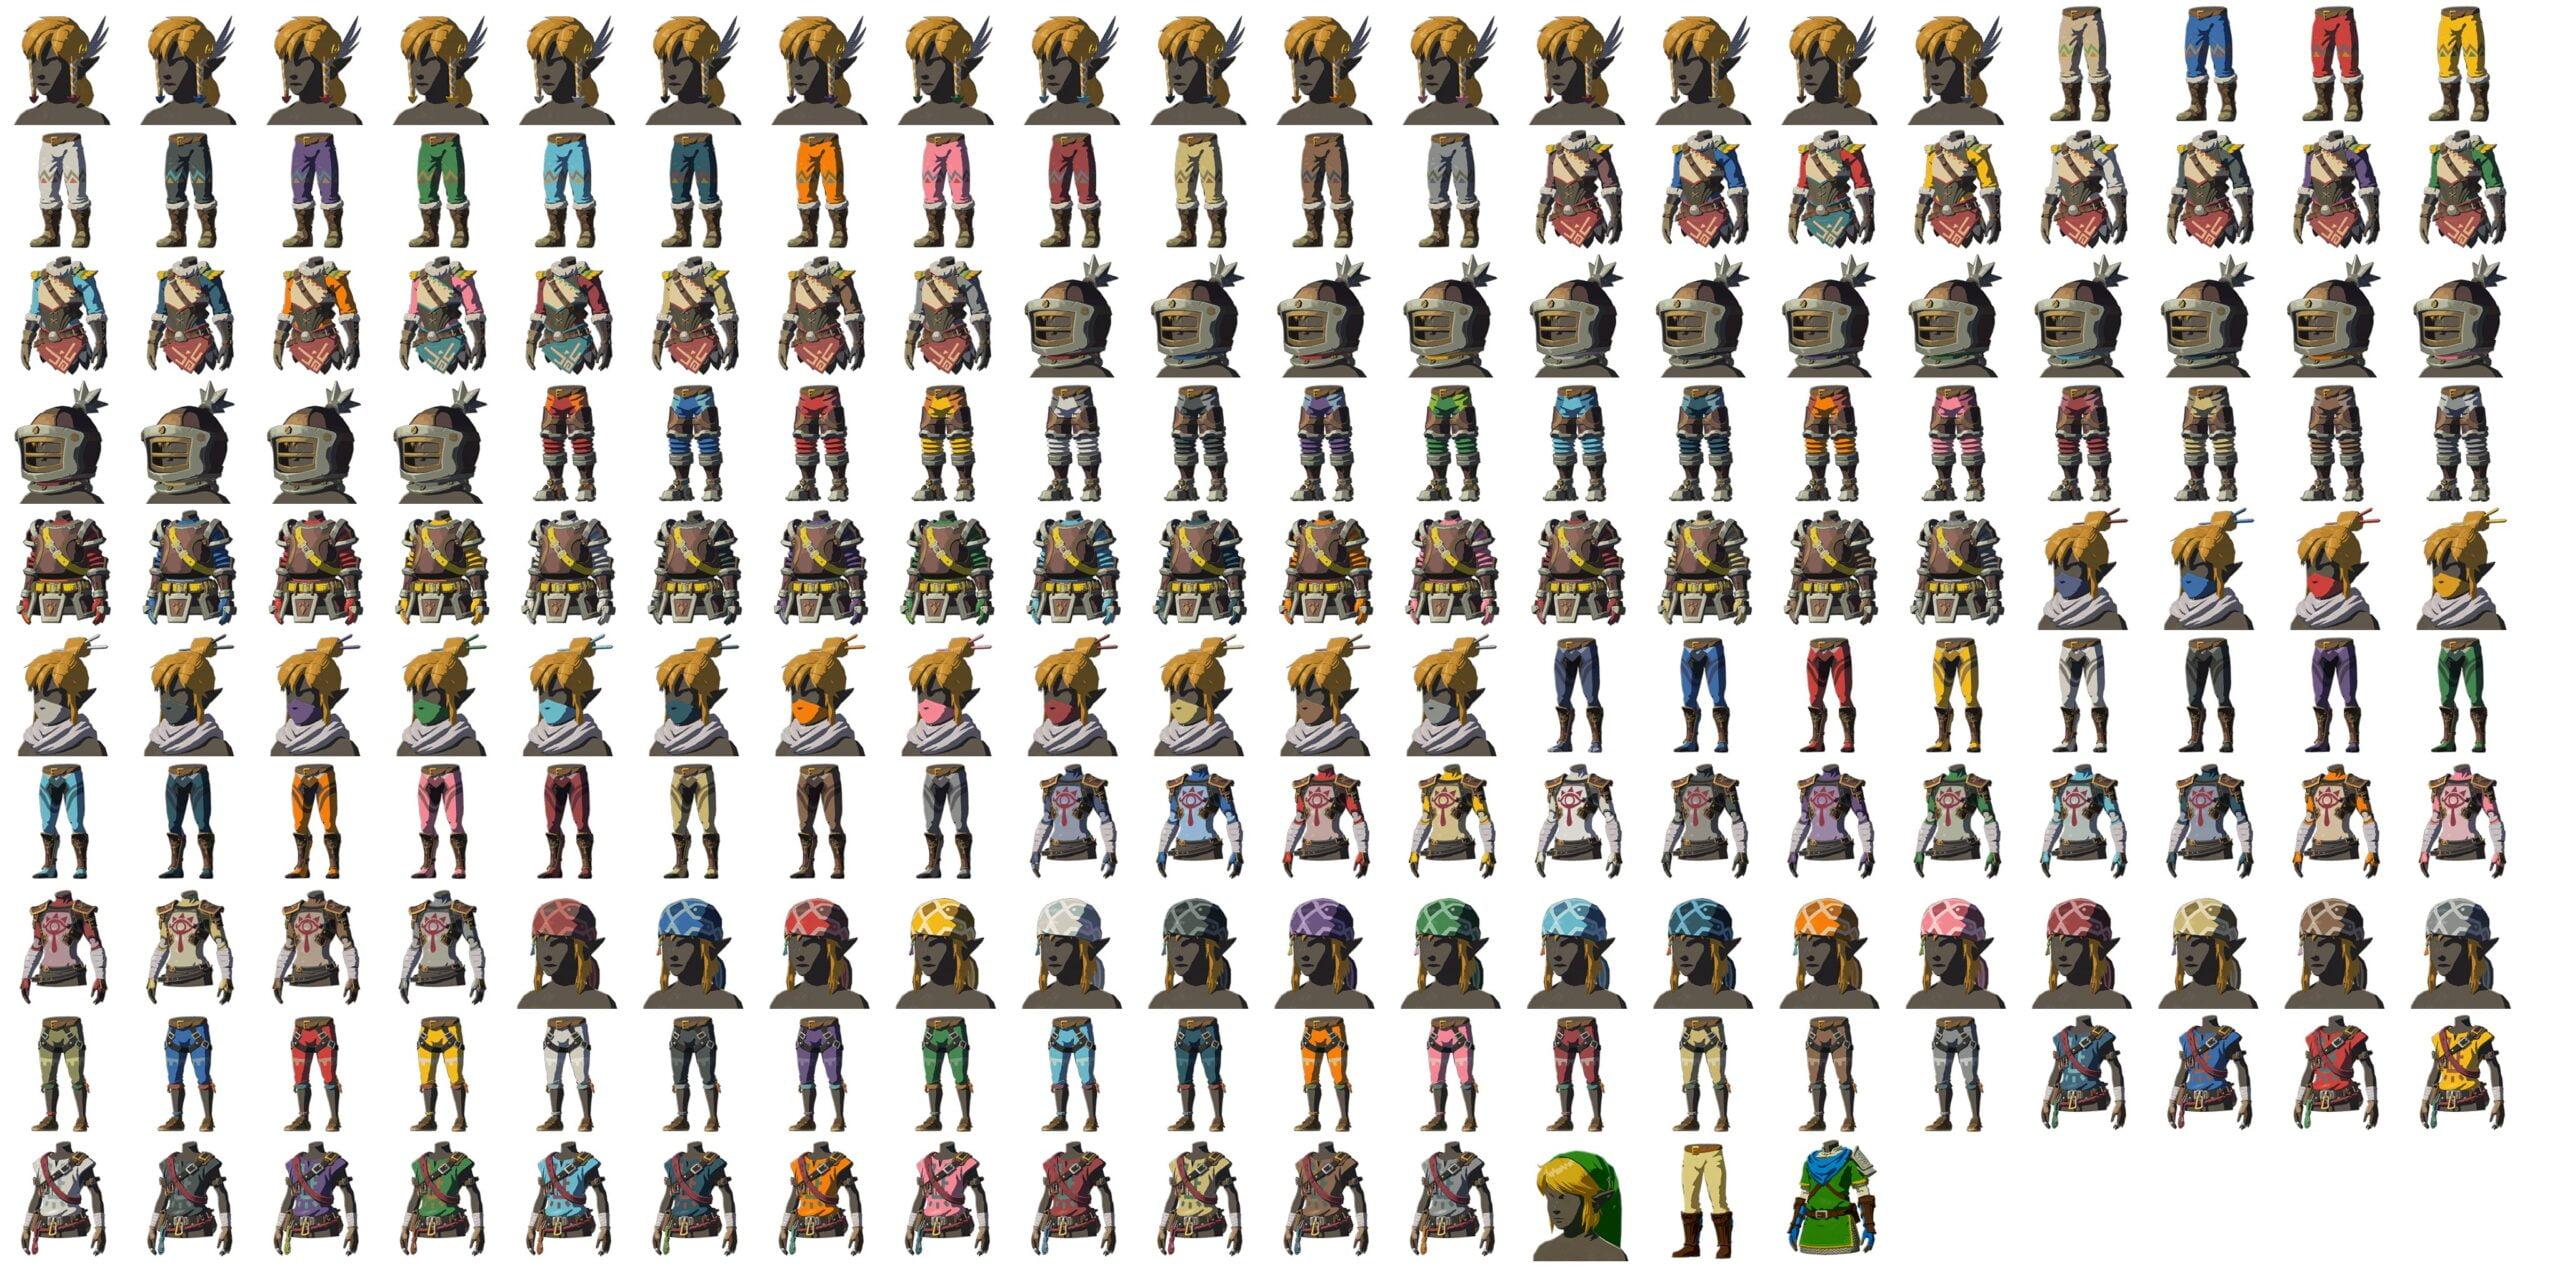 Hyrule Warriors Zeit Der Verheerung Dataminer Veroffentlichen Liste Aller Spielbaren Charaktere Musik Und Neue Bilder Aus Dem Spiel Nintendowelten